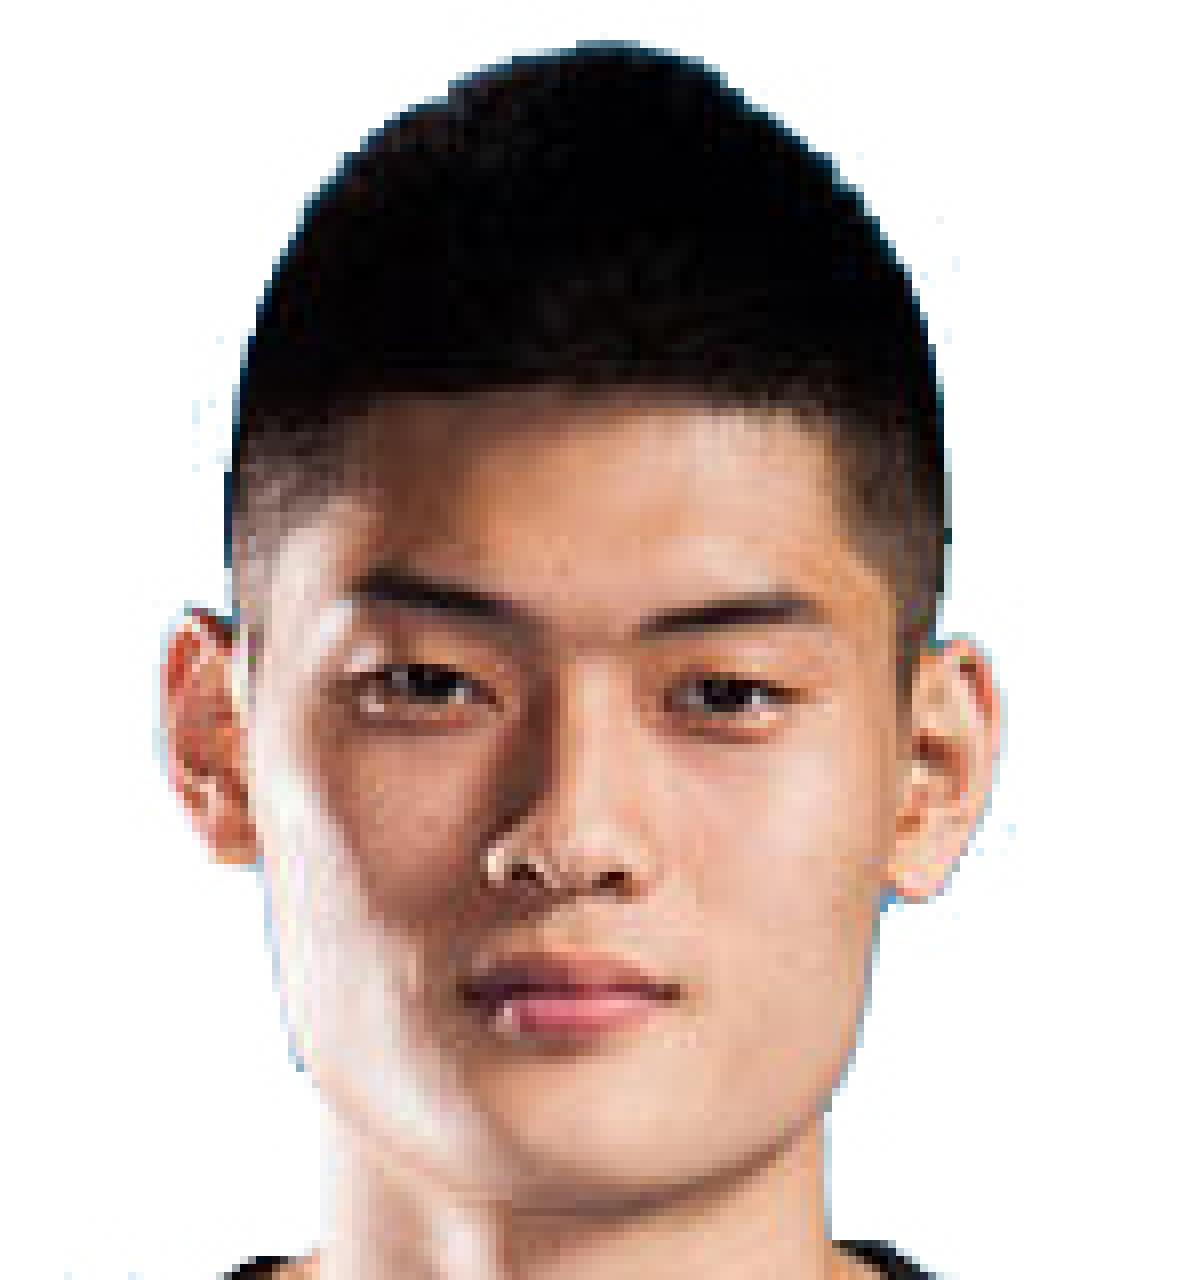 Zhenan Liu